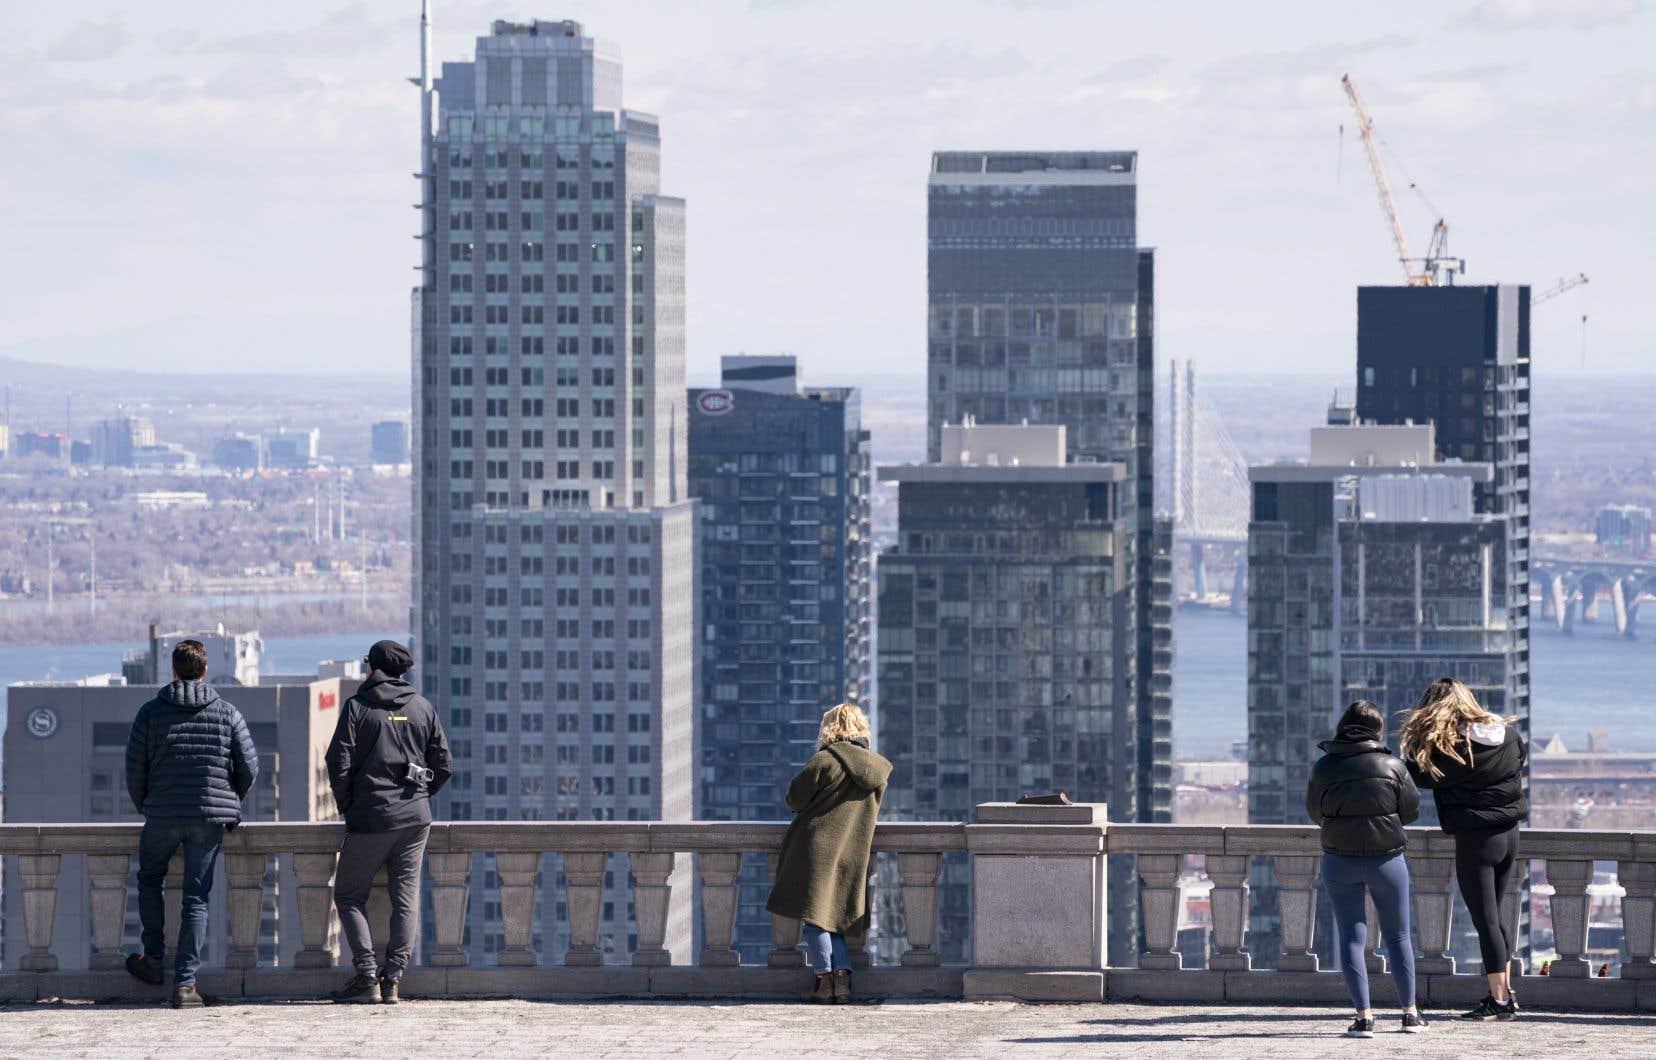 La Ville explique ces mesures par la décision du gouvernement québécois d'interdire tout rassemblement intérieur et extérieur.